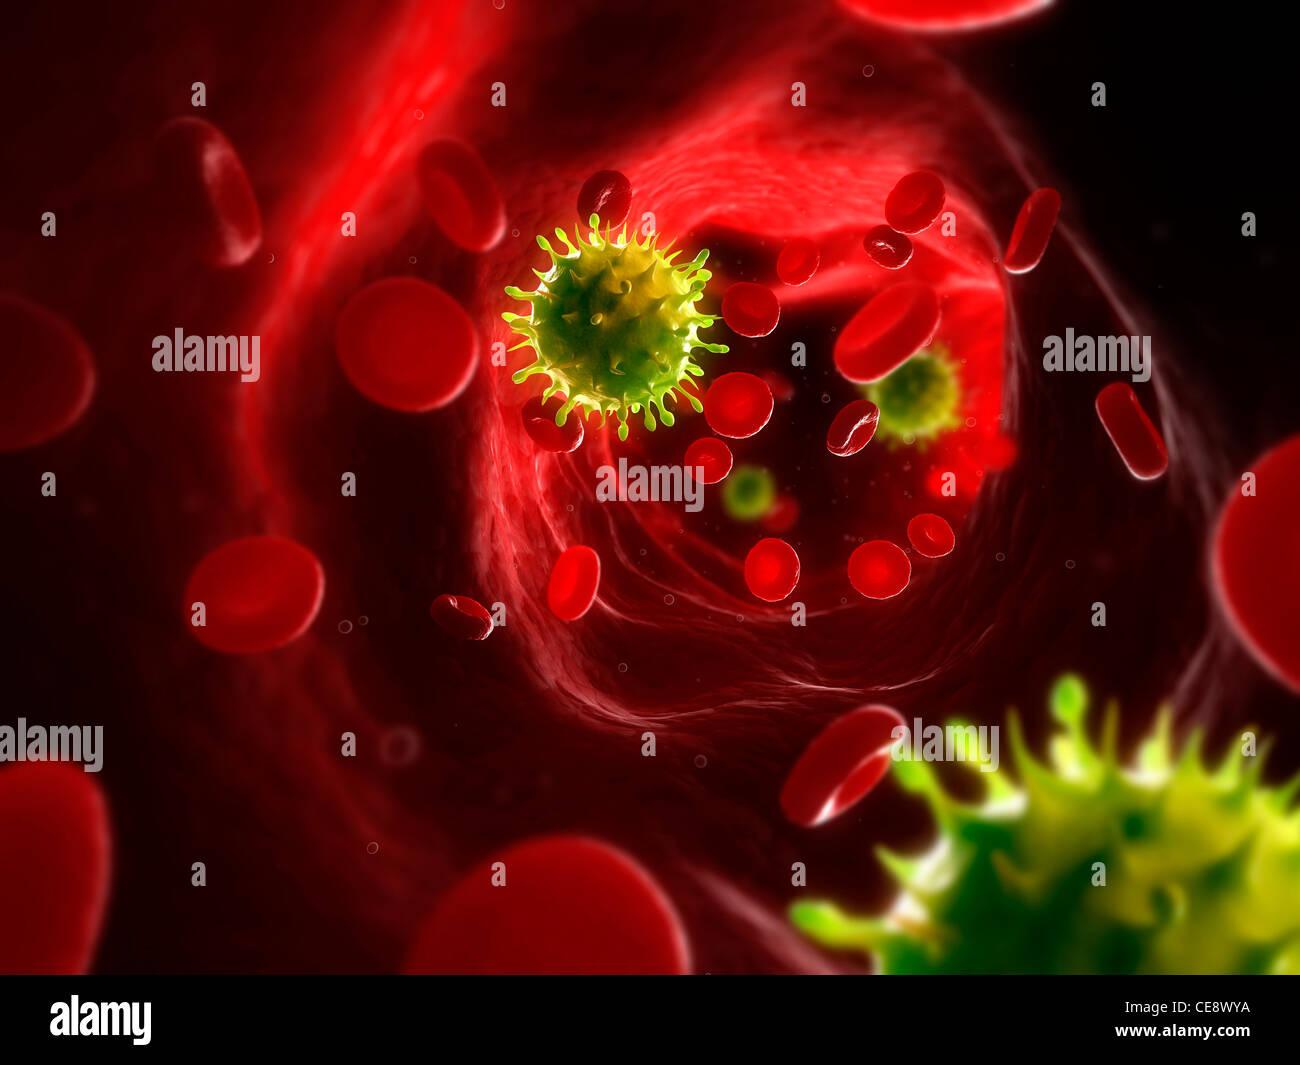 Infección viral, equipo conceptual ilustraciones. Las partículas del virus en el torrente sanguíneo. Foto de stock